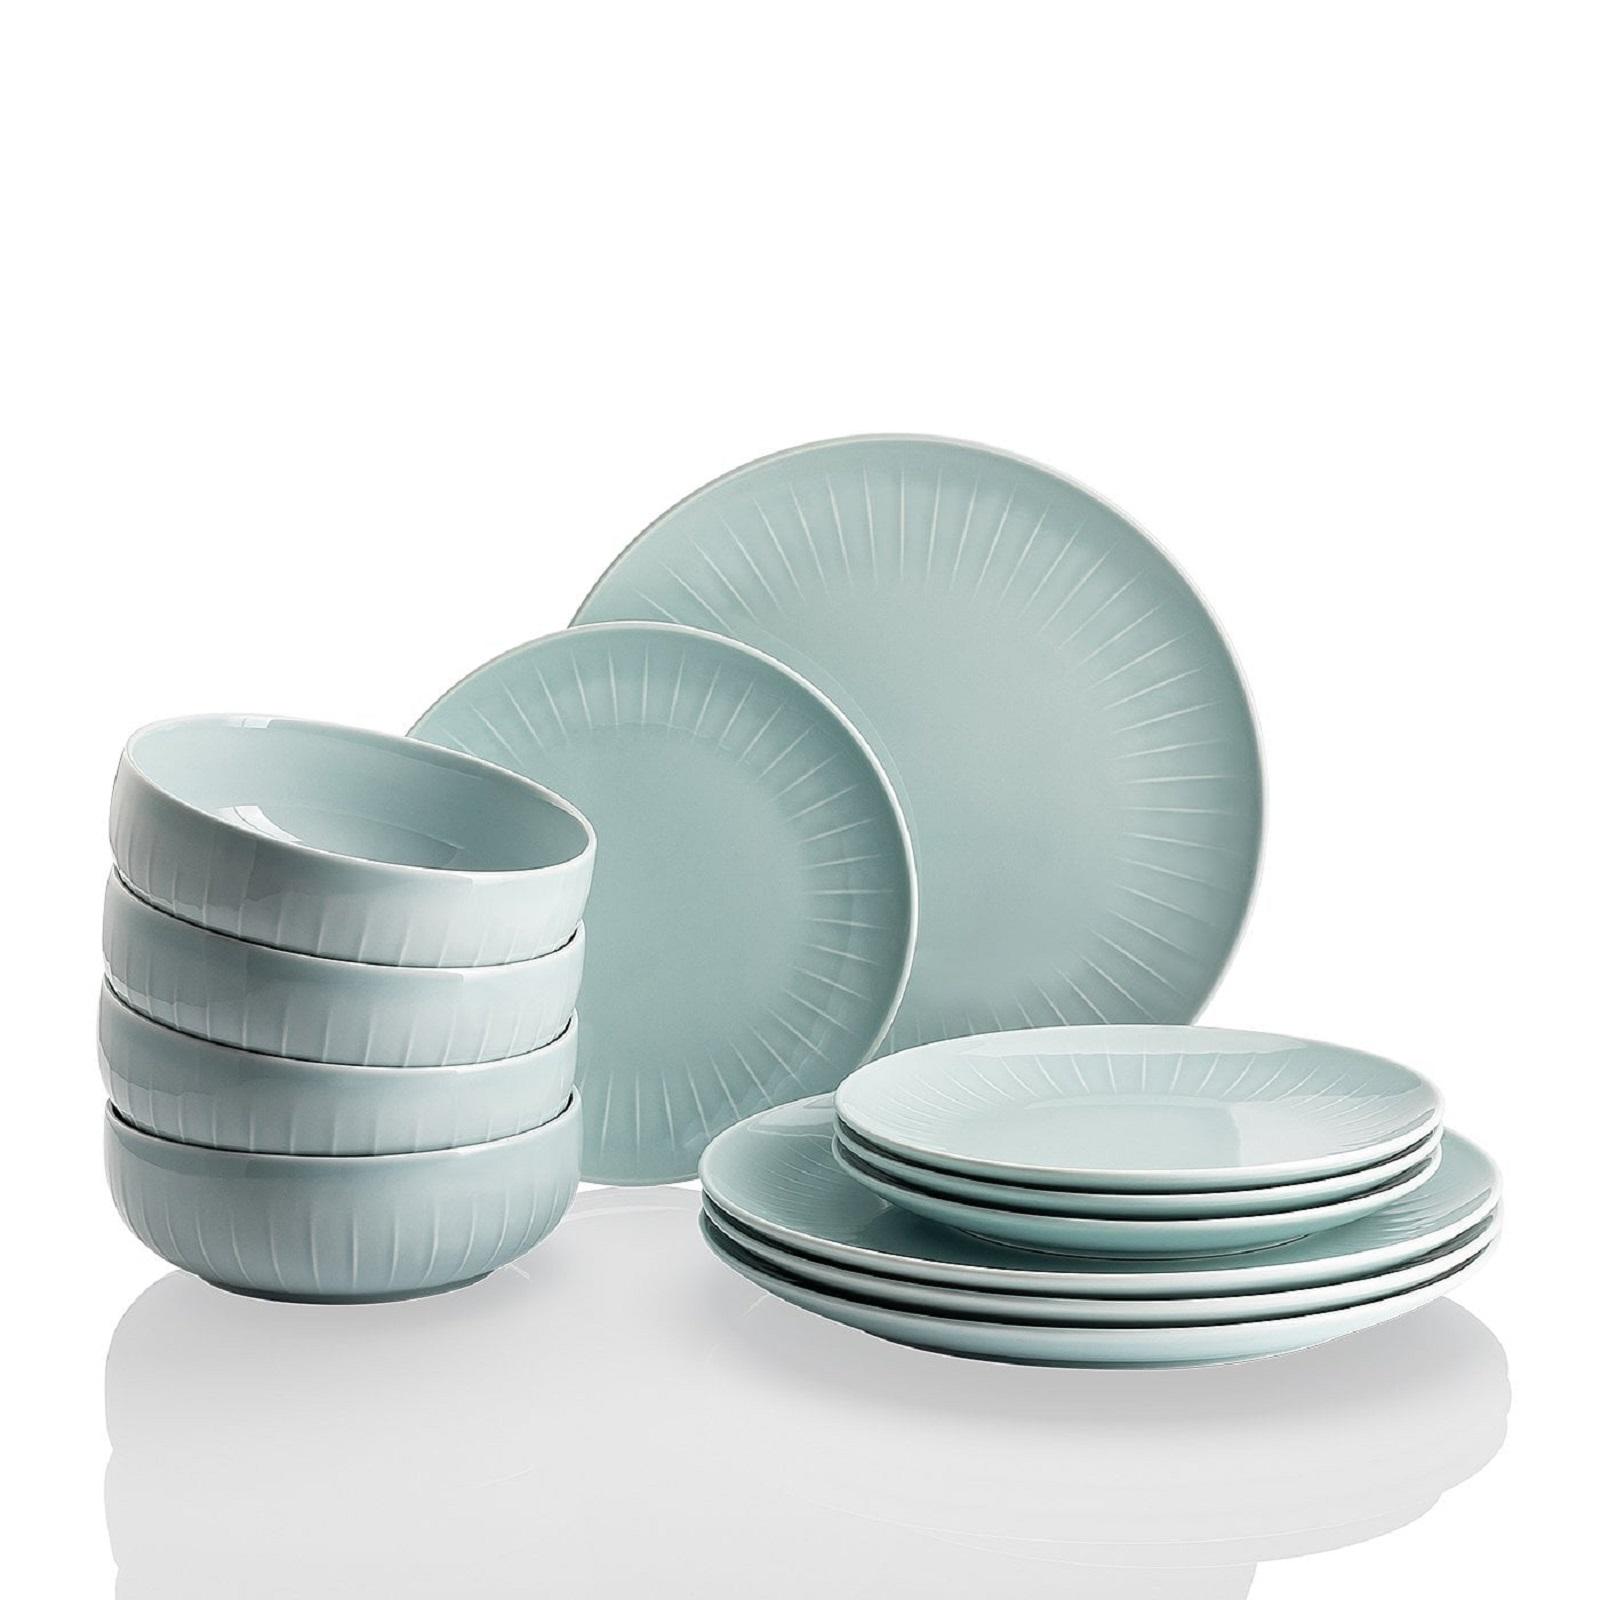 Набор посуды столовой Arzberg JOYN, ментоловый, 12 предметов Arzberg 44020-640206-28650 фото 1